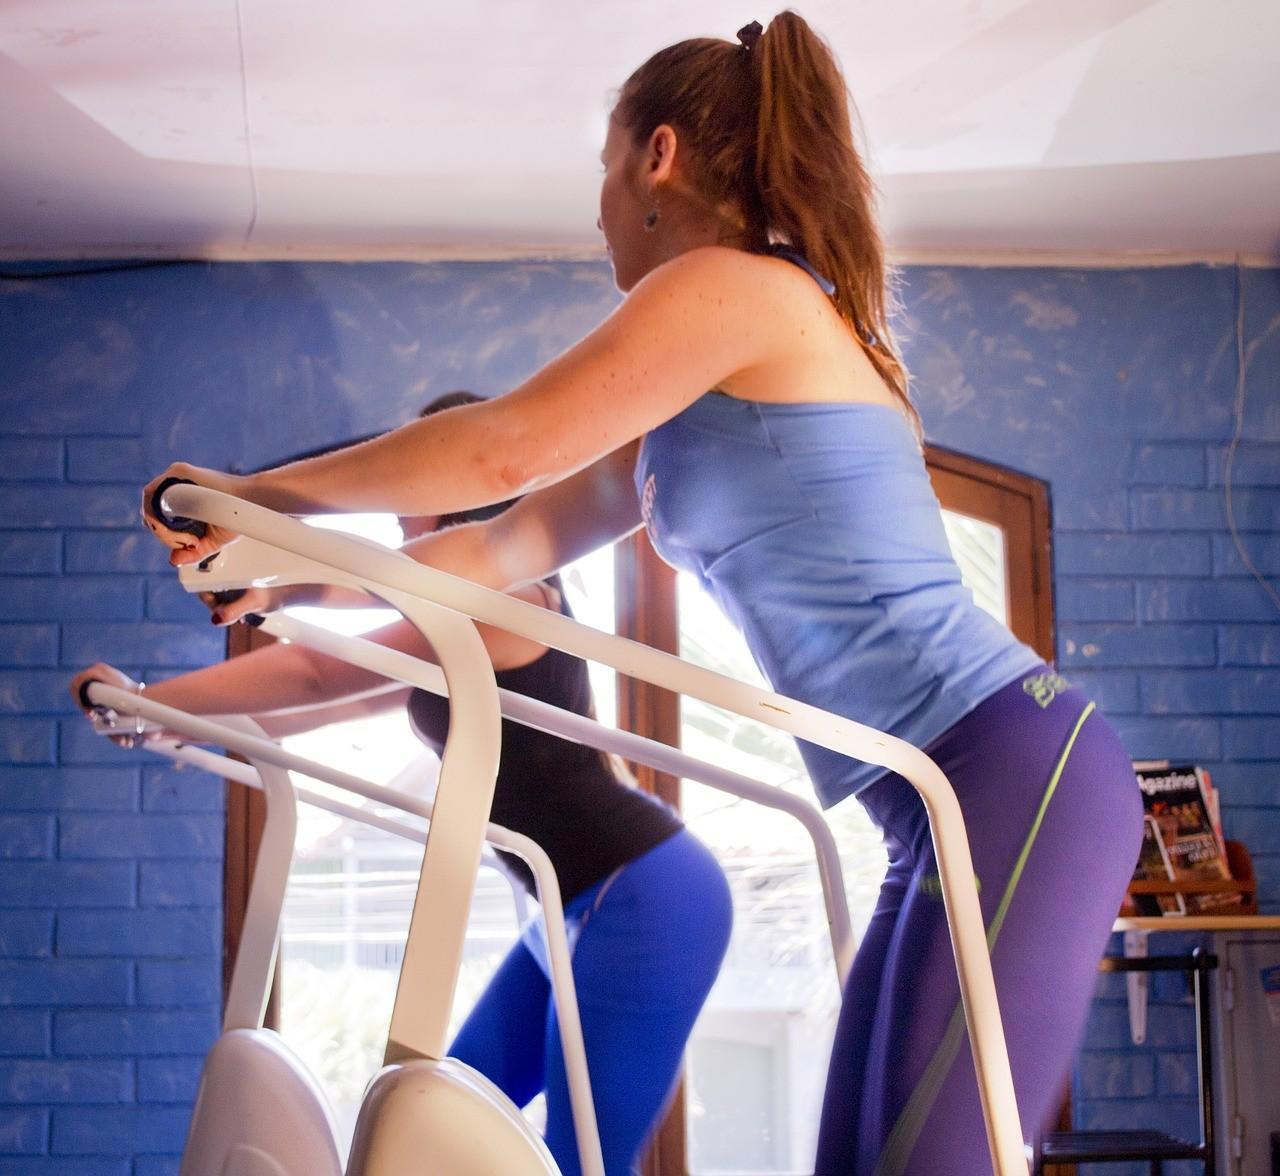 Czyćwiczenia pomagają wlikwidacji cellulitu?